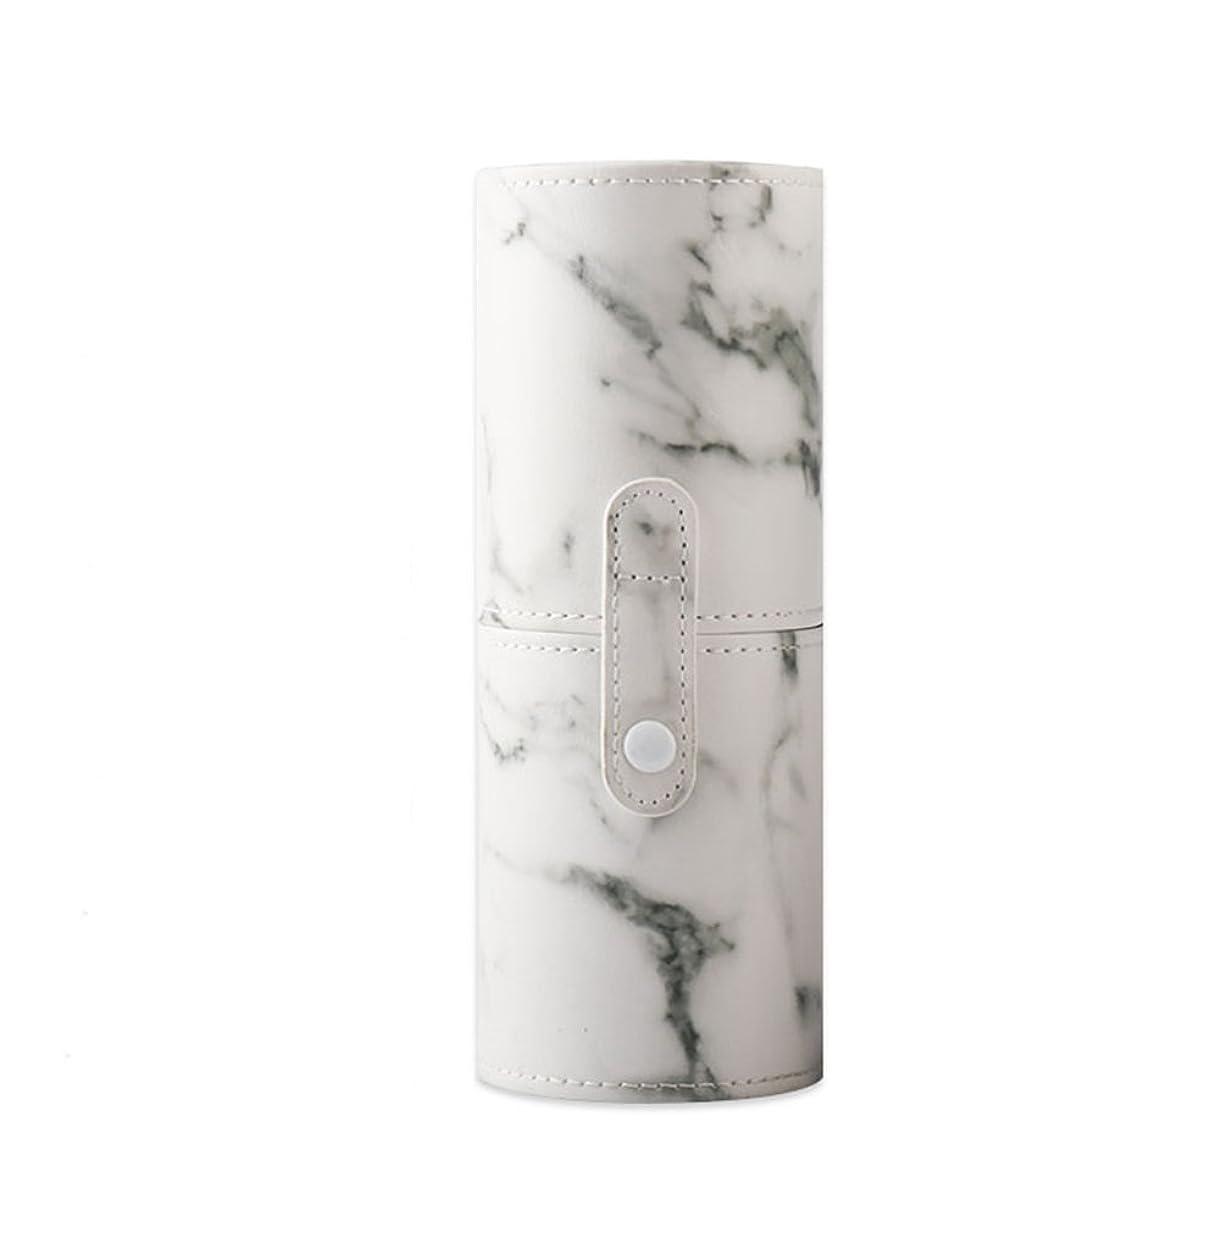 断言する舌な着実にKINGZUO メイクブラシホルダー 専用収納 コスメケース ボックス 文具ケース PUレザー 旅行 小物収納 携帯便利 化粧カップ  約12本収納